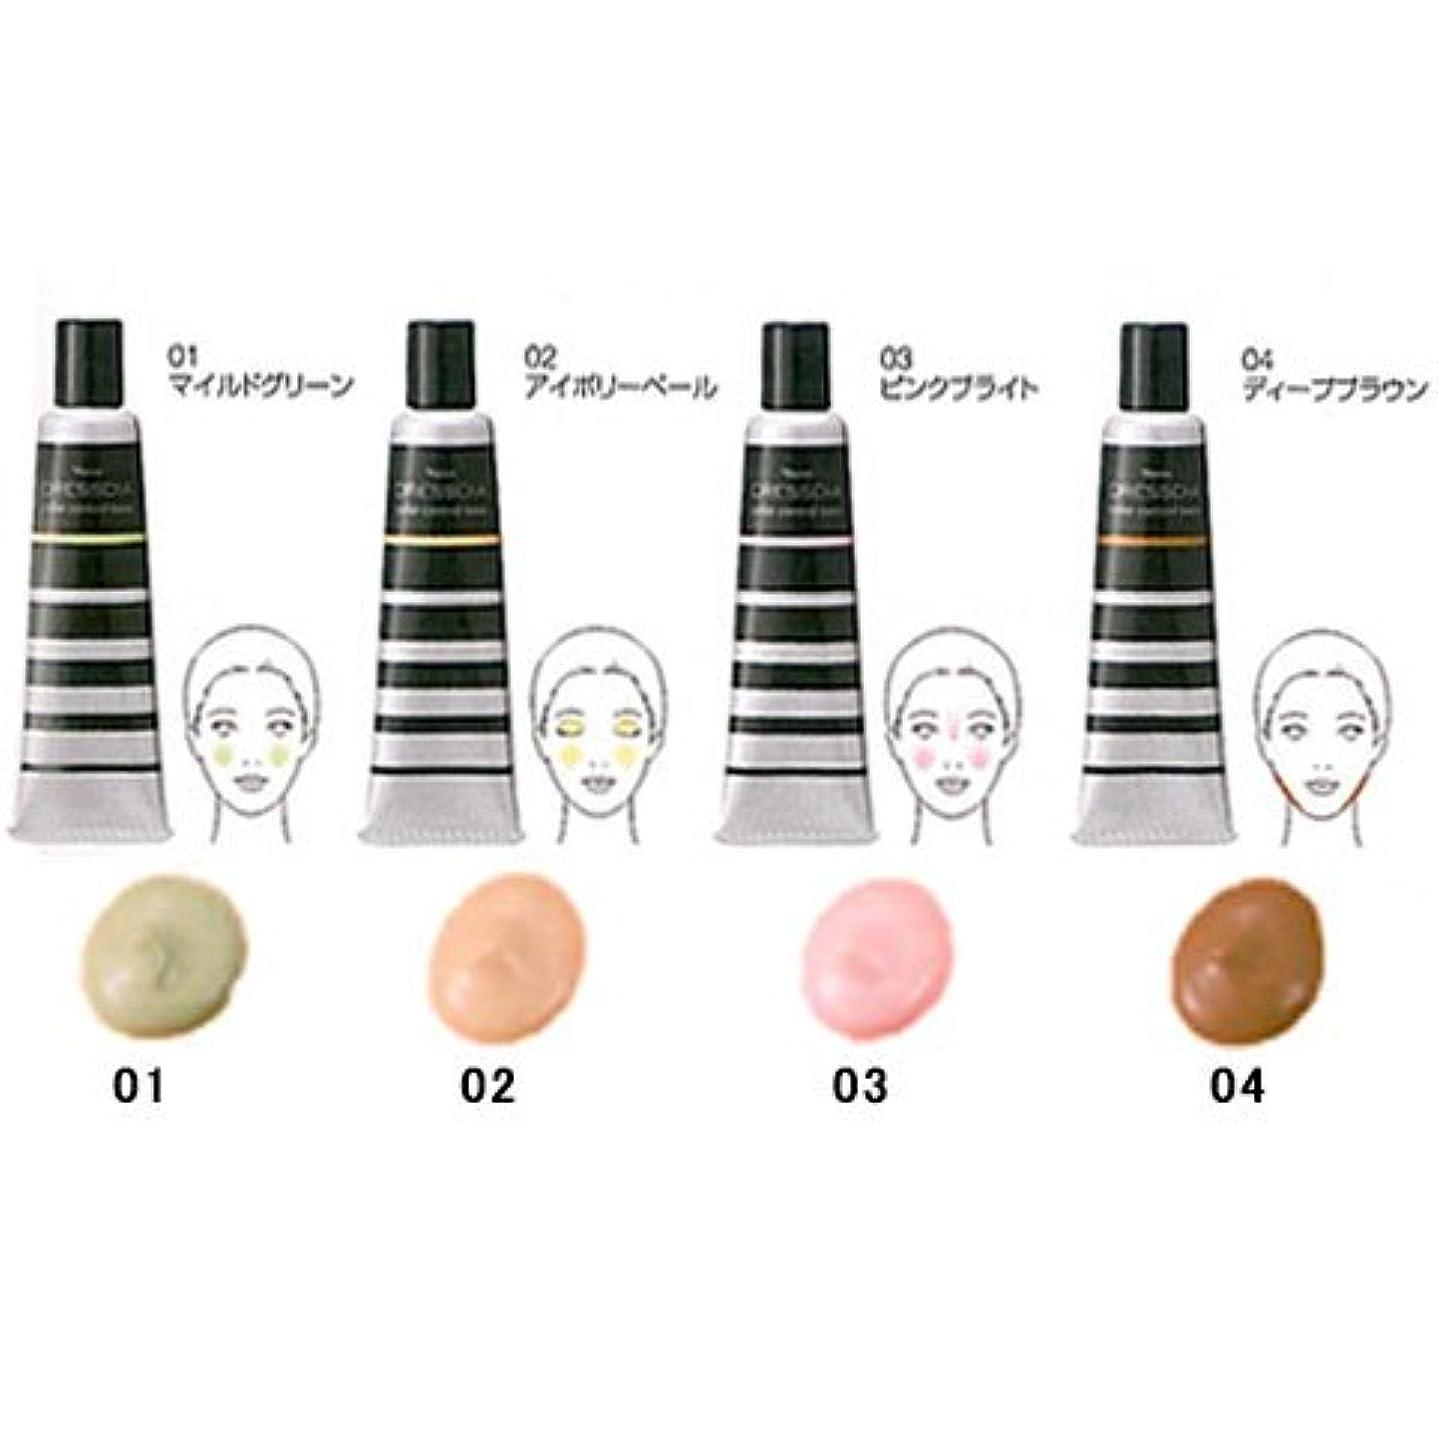 ブロー深く教えてナリス化粧品 ドレスディア カラーコントロールベース部分用 化粧下地 20g 04 ディープブラウン